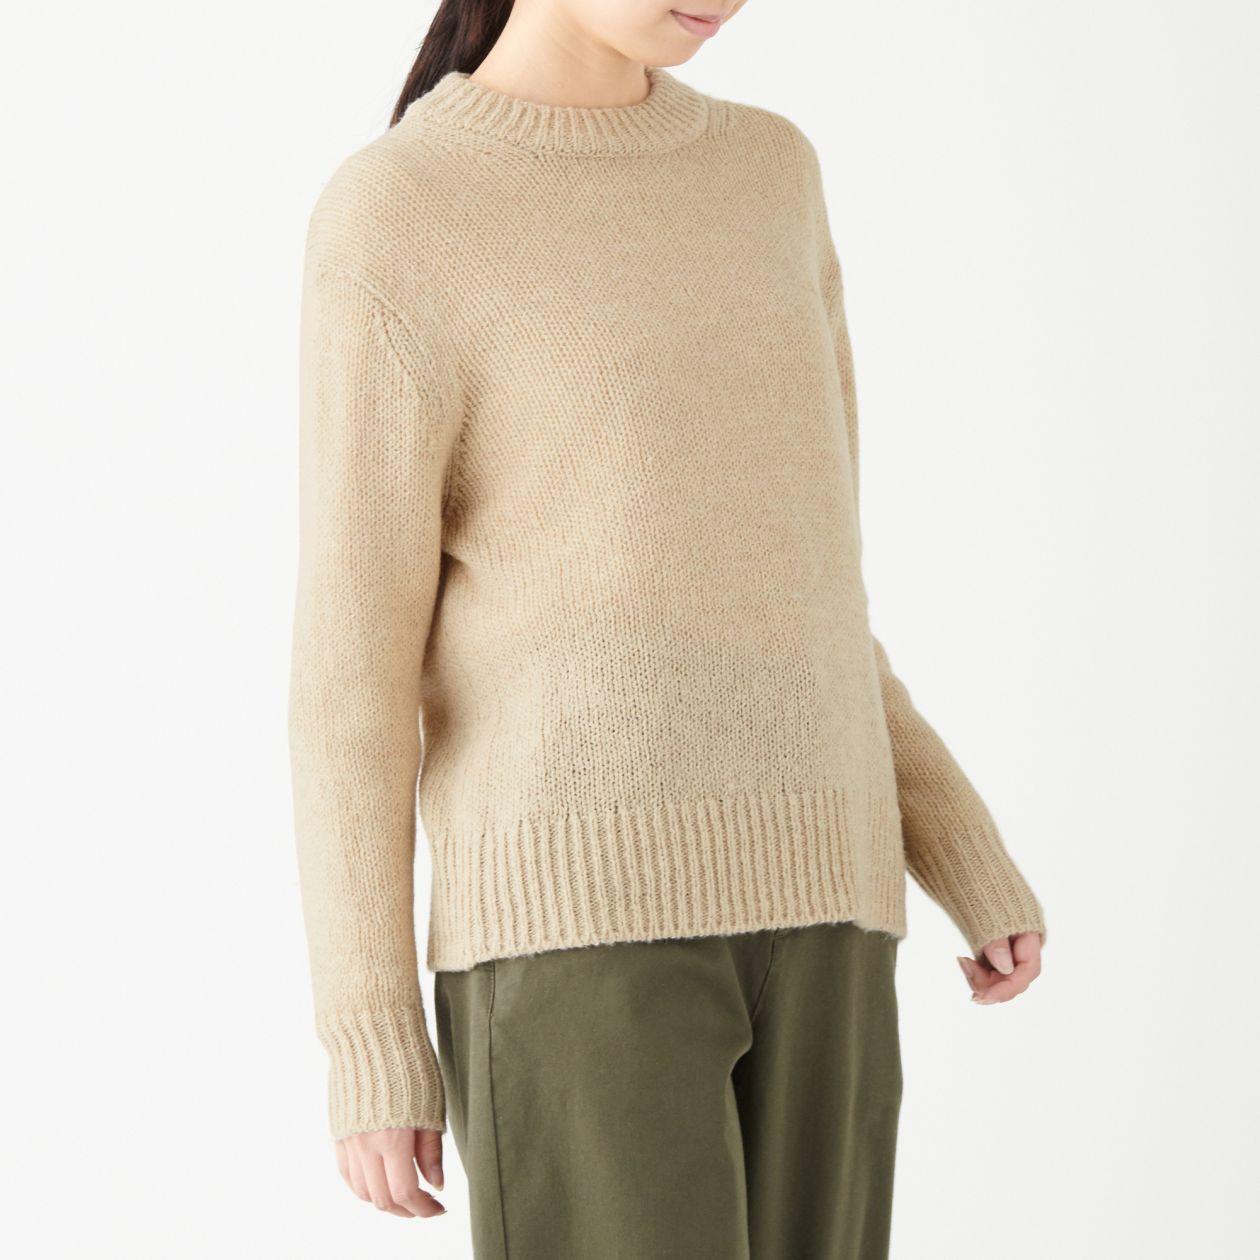 ヤク入りウールクルーネックセーター